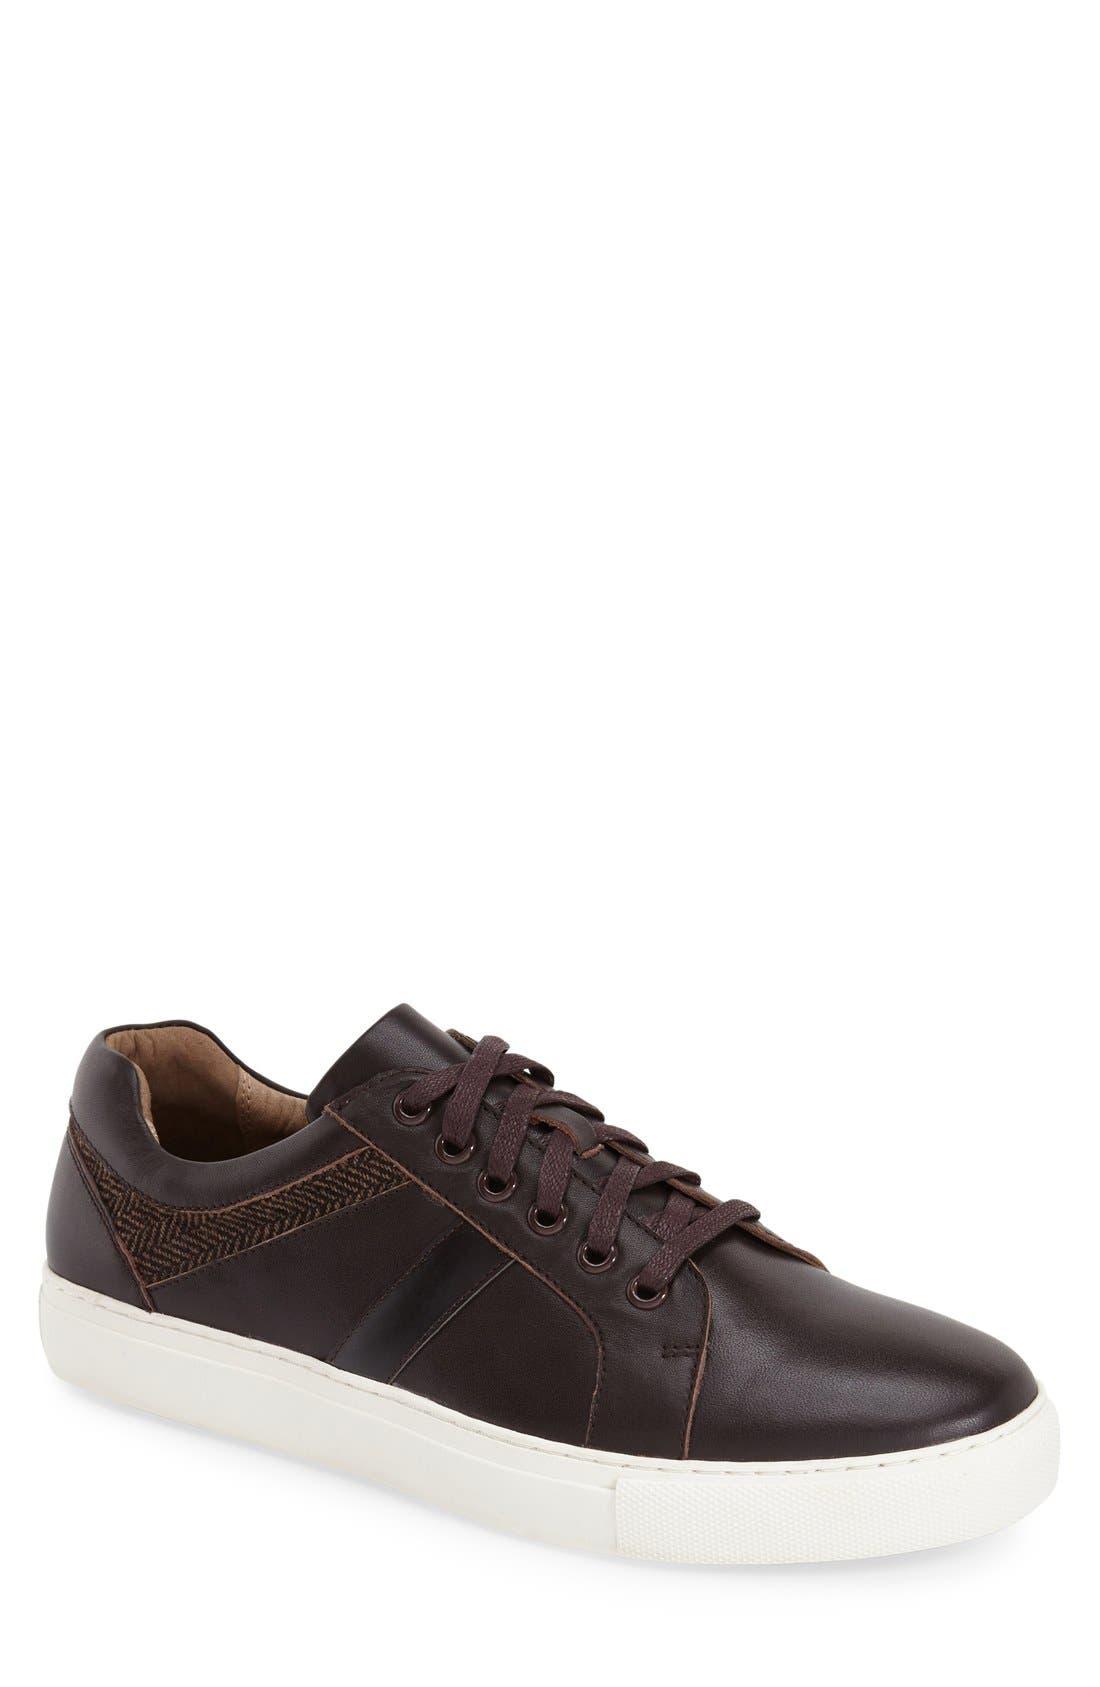 Zanzara 'Mixer' Sneaker (Men)